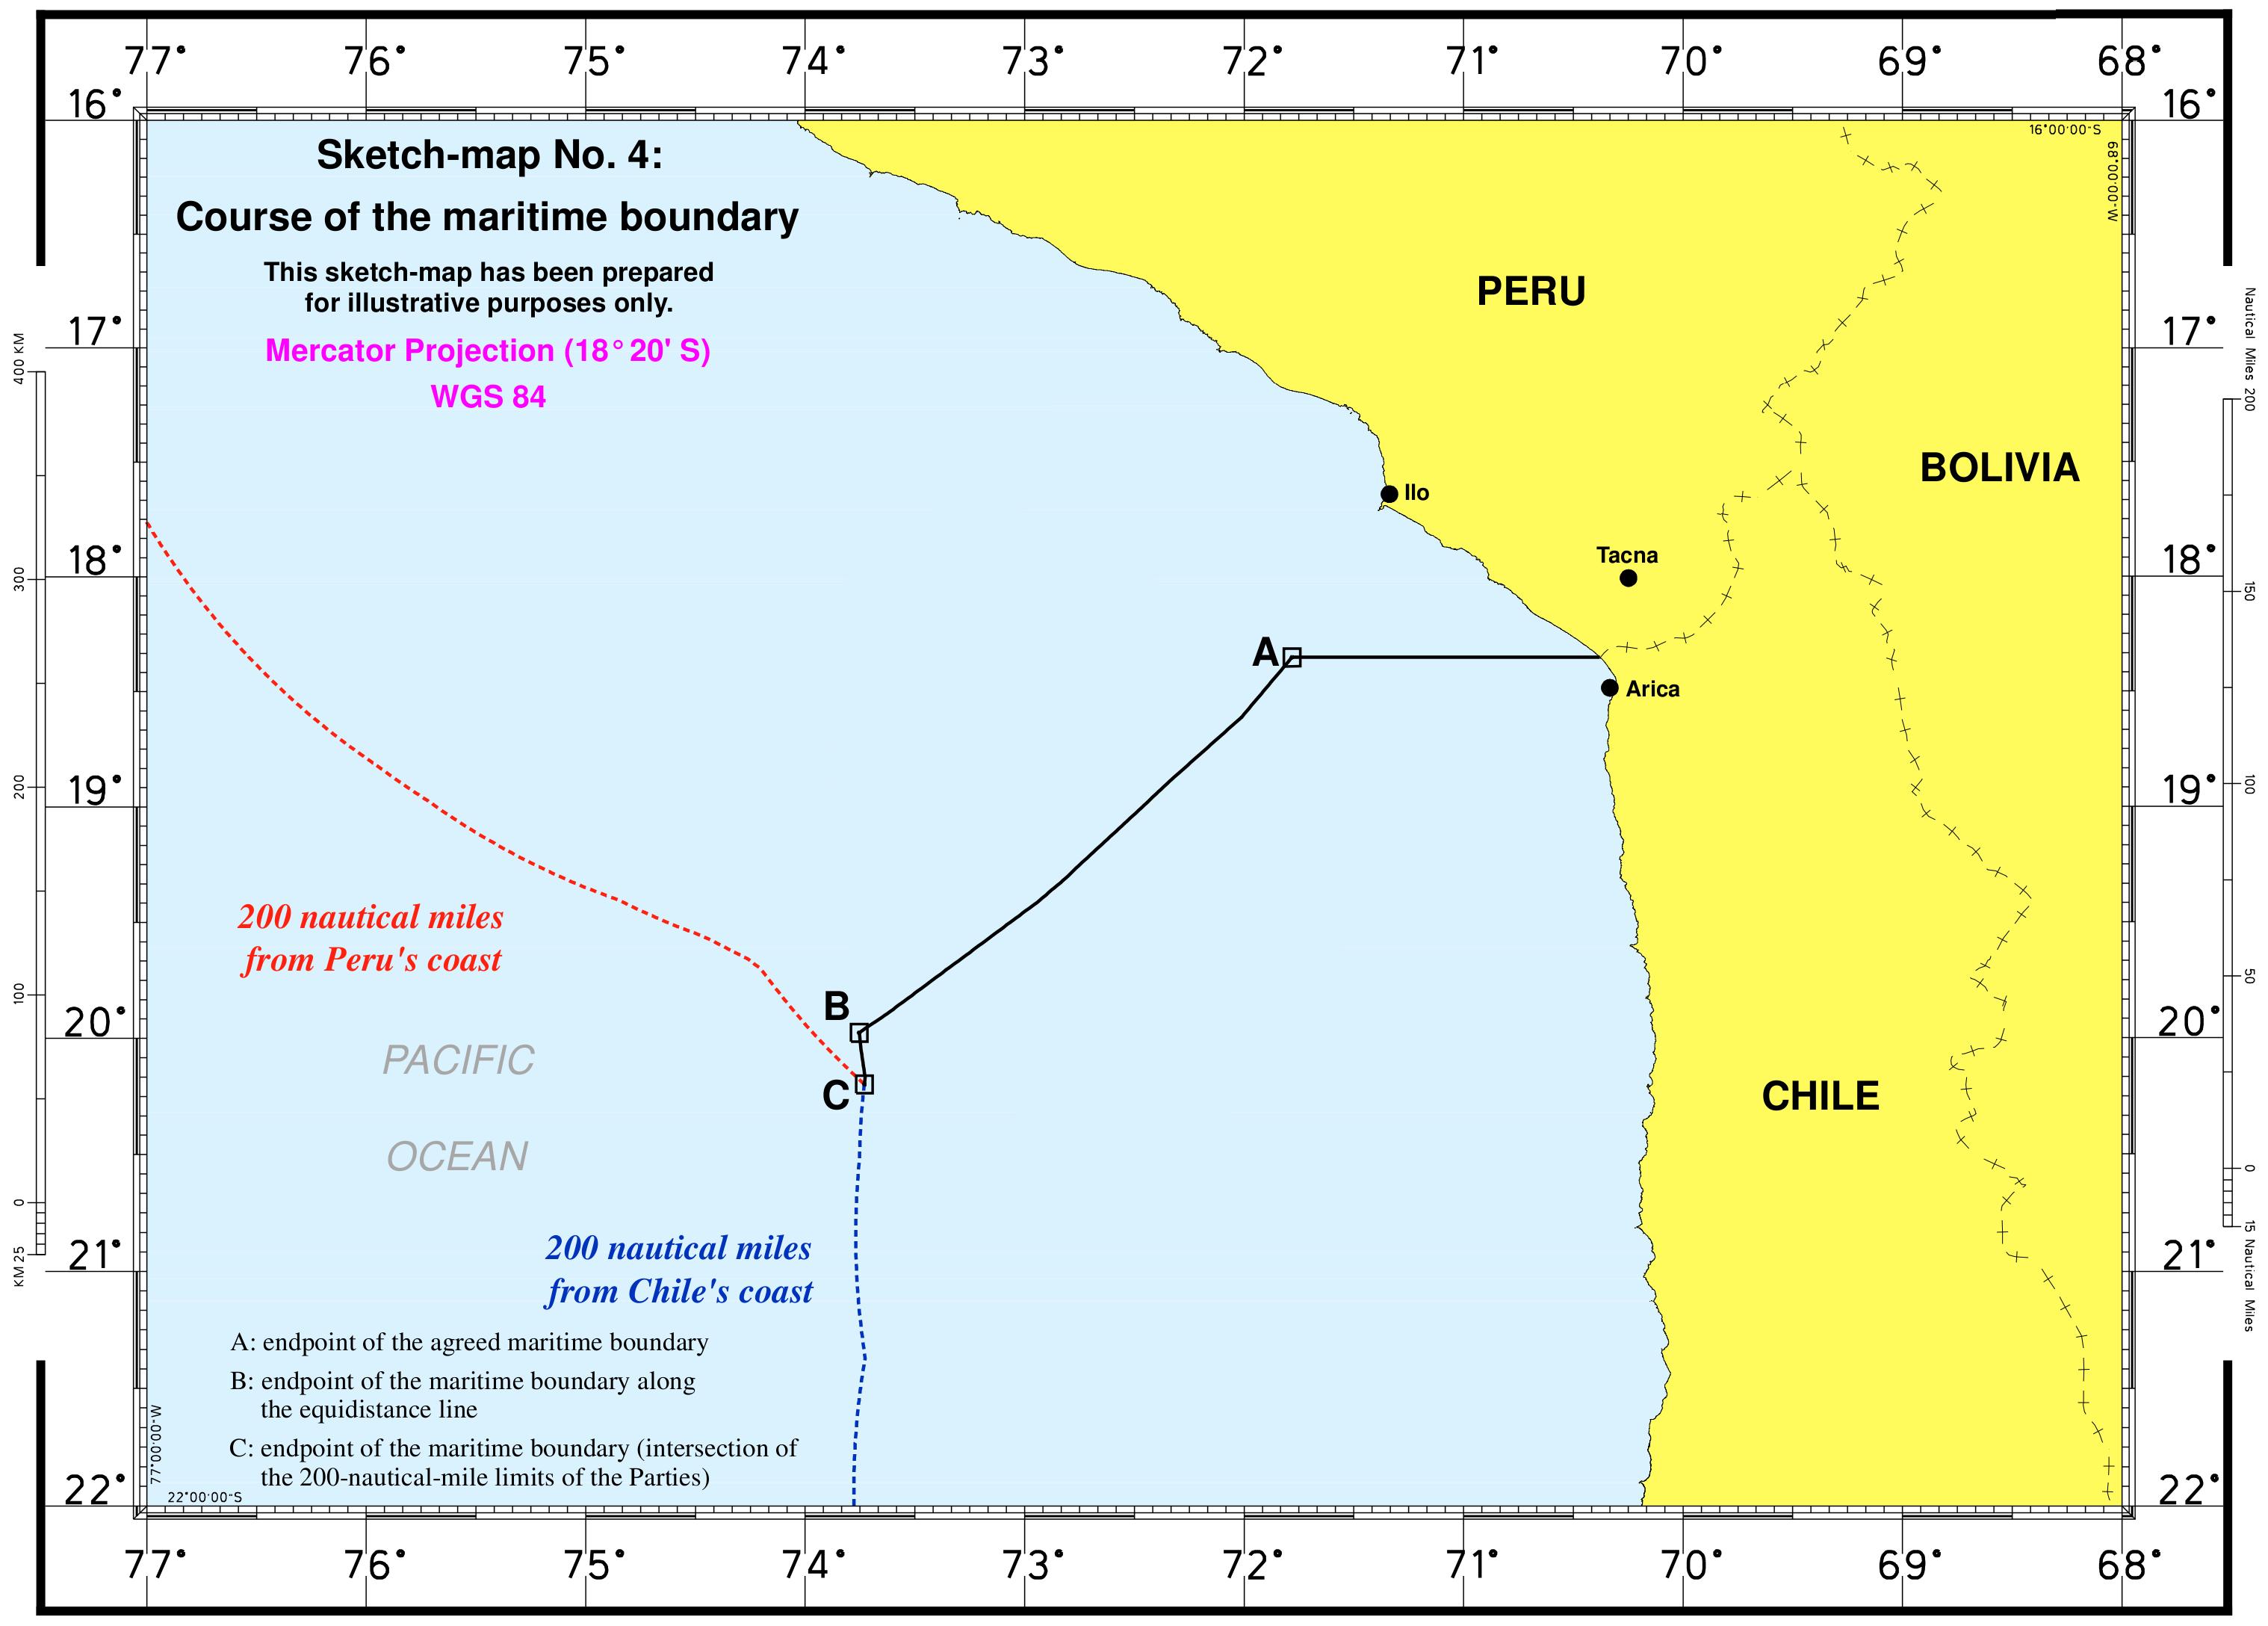 Fallo de la Corte de La Haya sobre la delimitación marítima entre Chile y  Perú - Wikipedia c5a62ec6353e